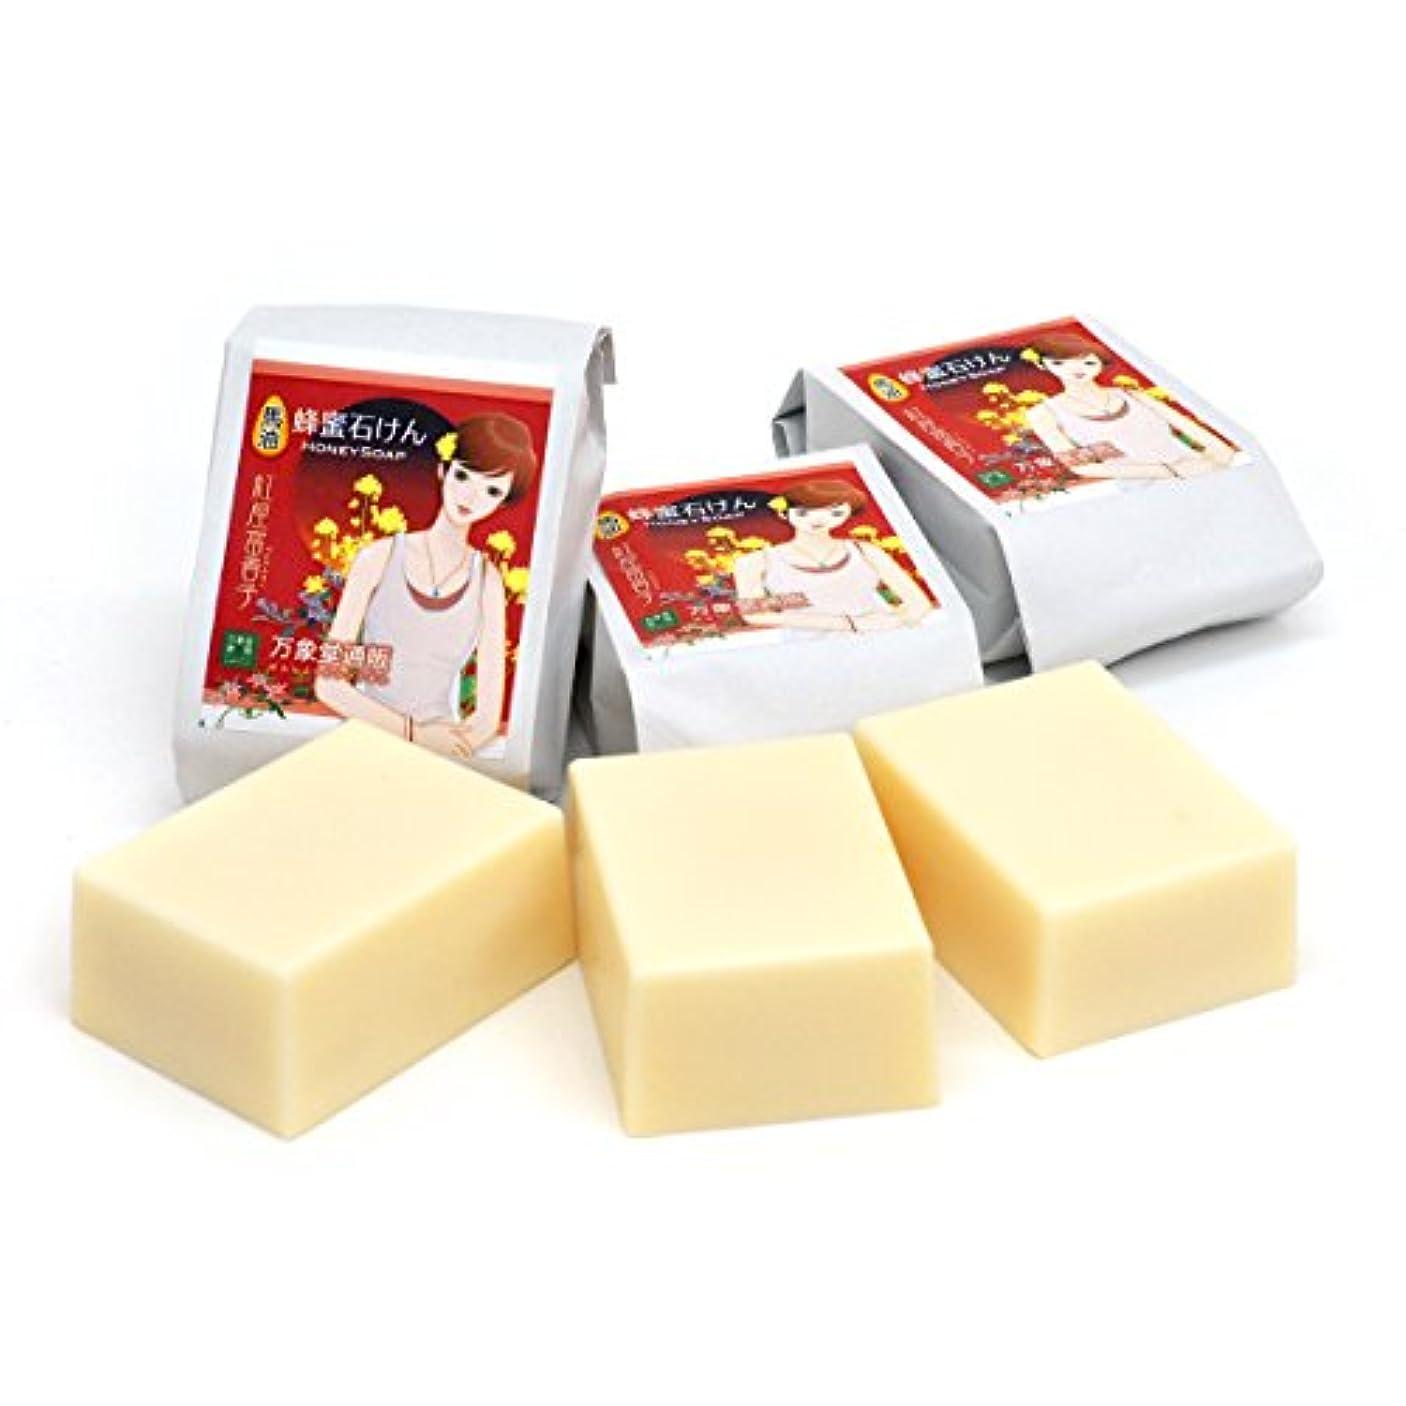 ギャップ自伝適応森羅万象堂 馬油石鹸 90g×3個 (国産)熊本県産 国産蜂蜜配合